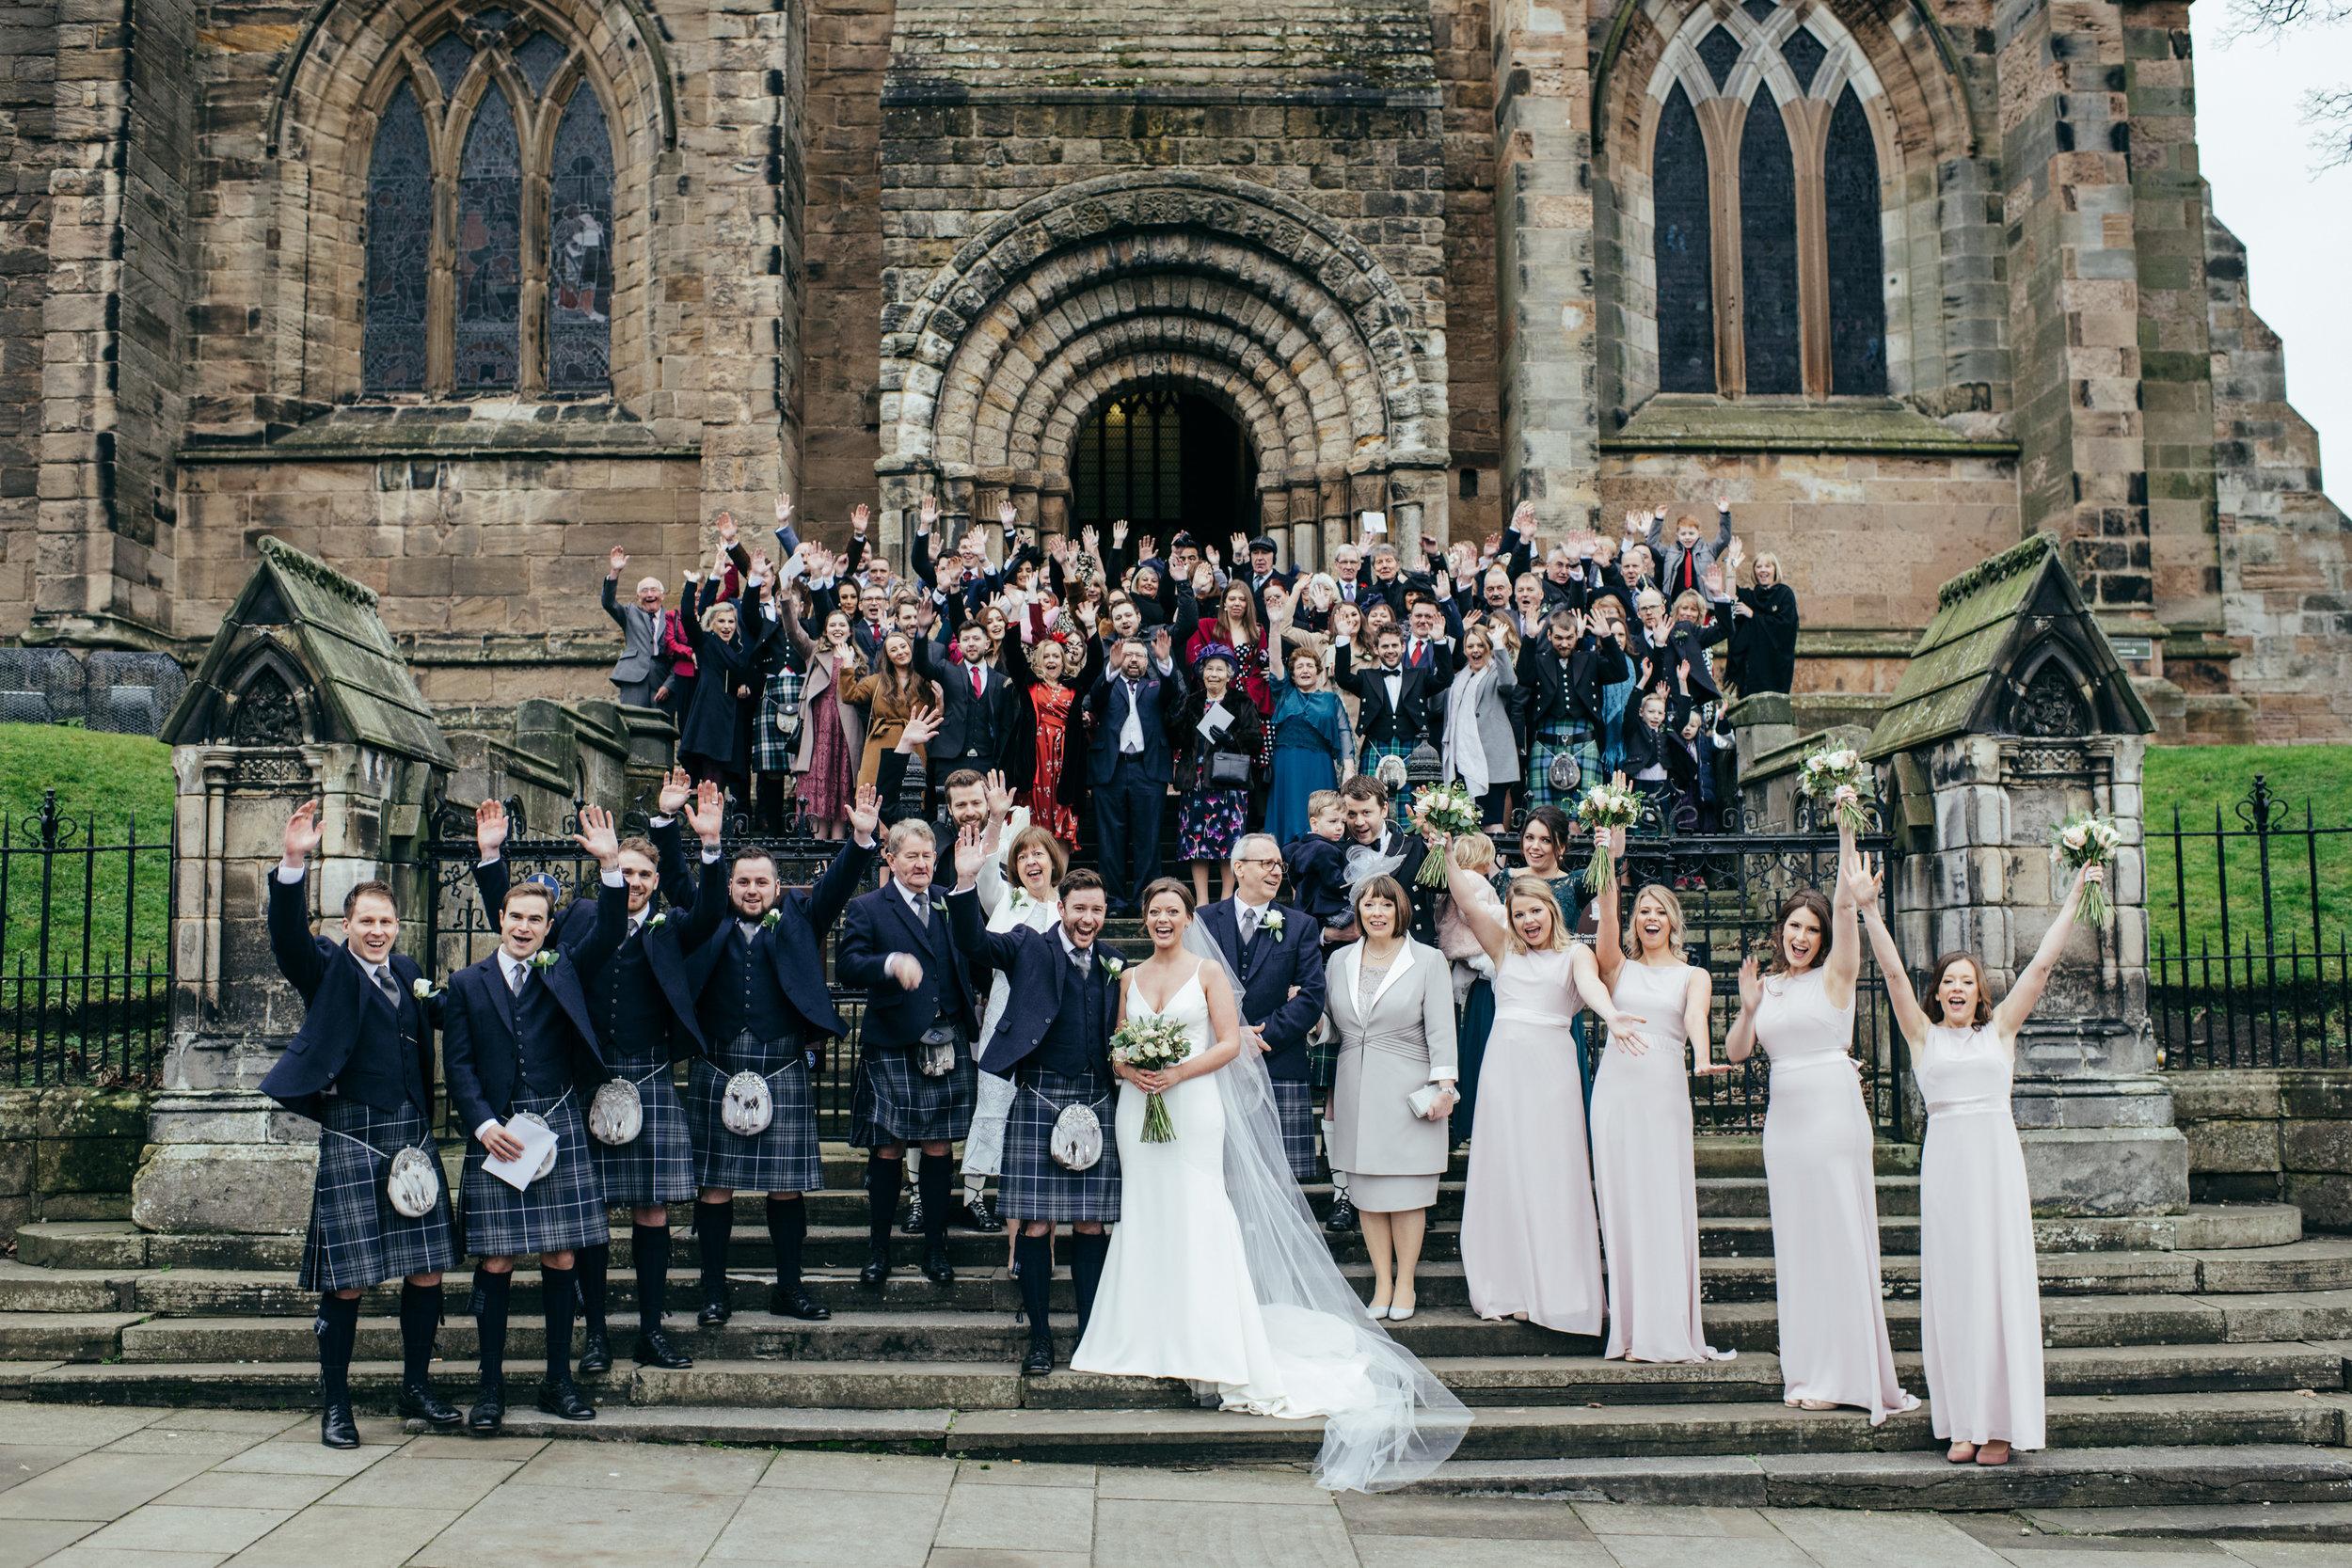 Dunfermline Abbey Wedding